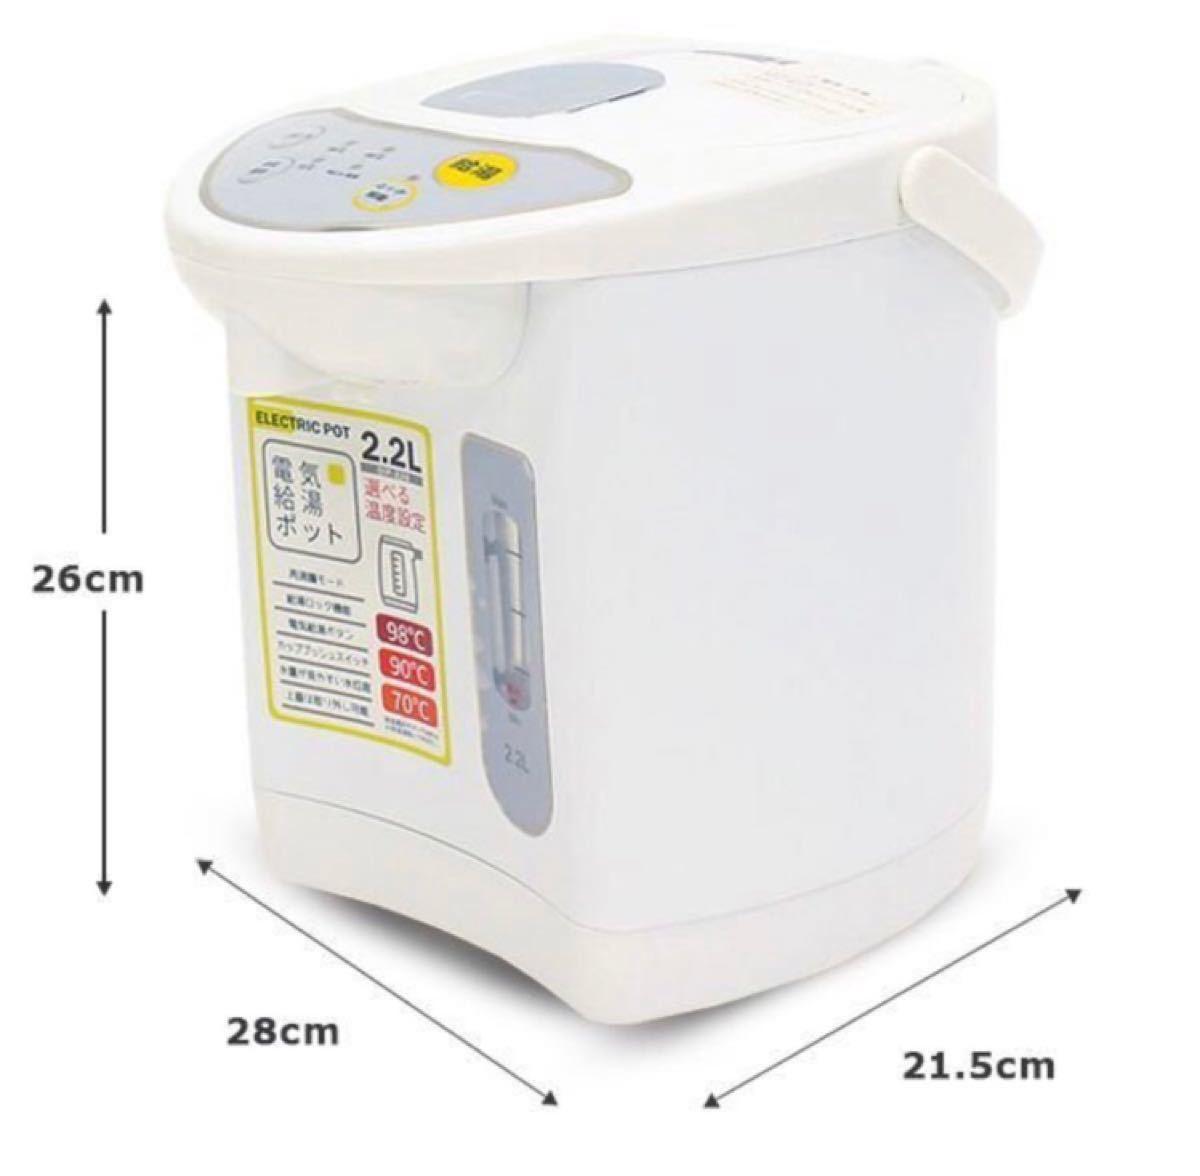 電気ポット【2.2L】